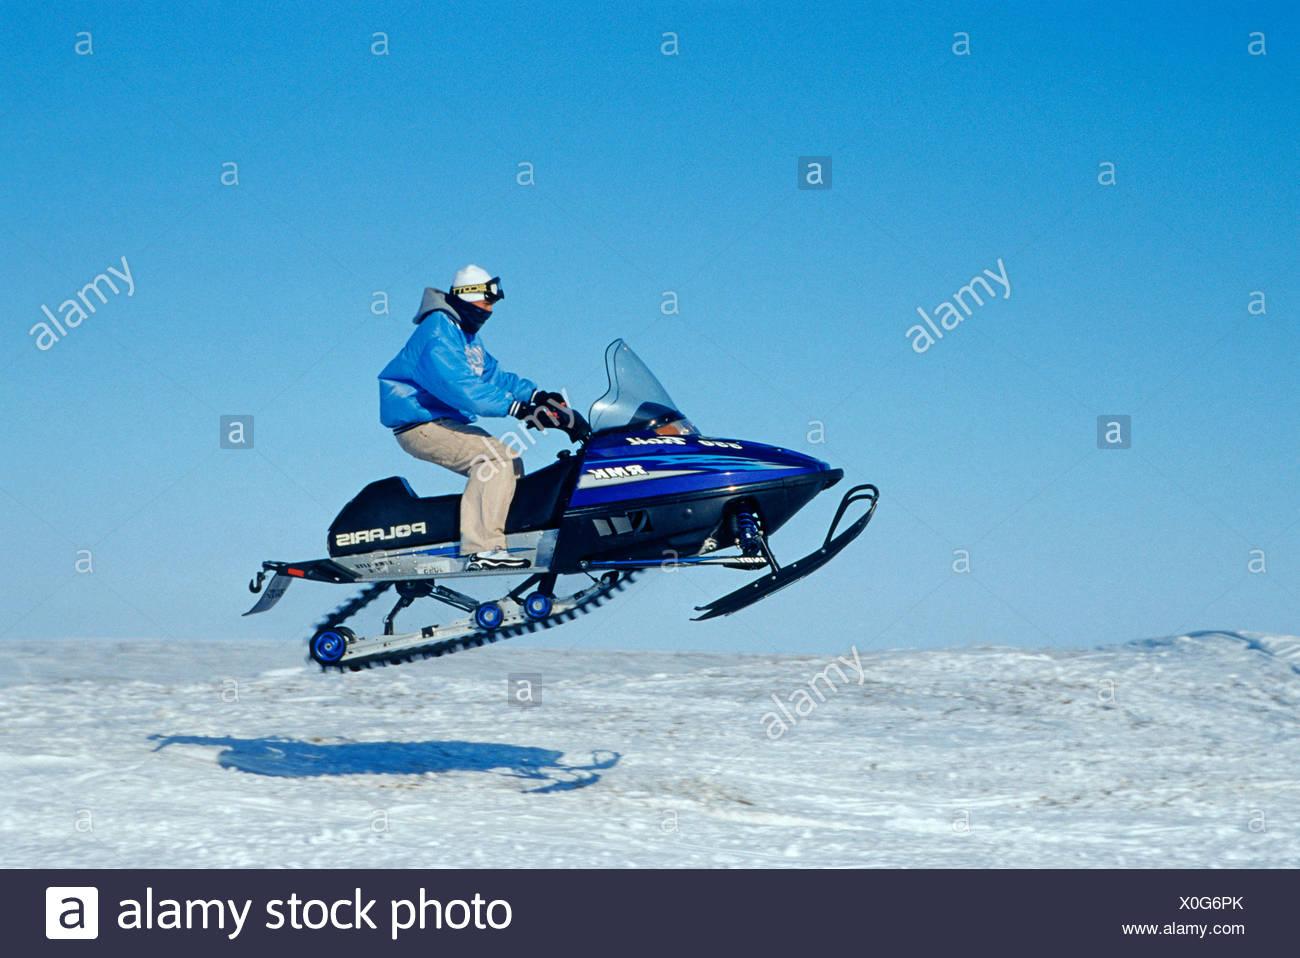 Inuit on his snowmobile, USA, Alaska - Stock Image